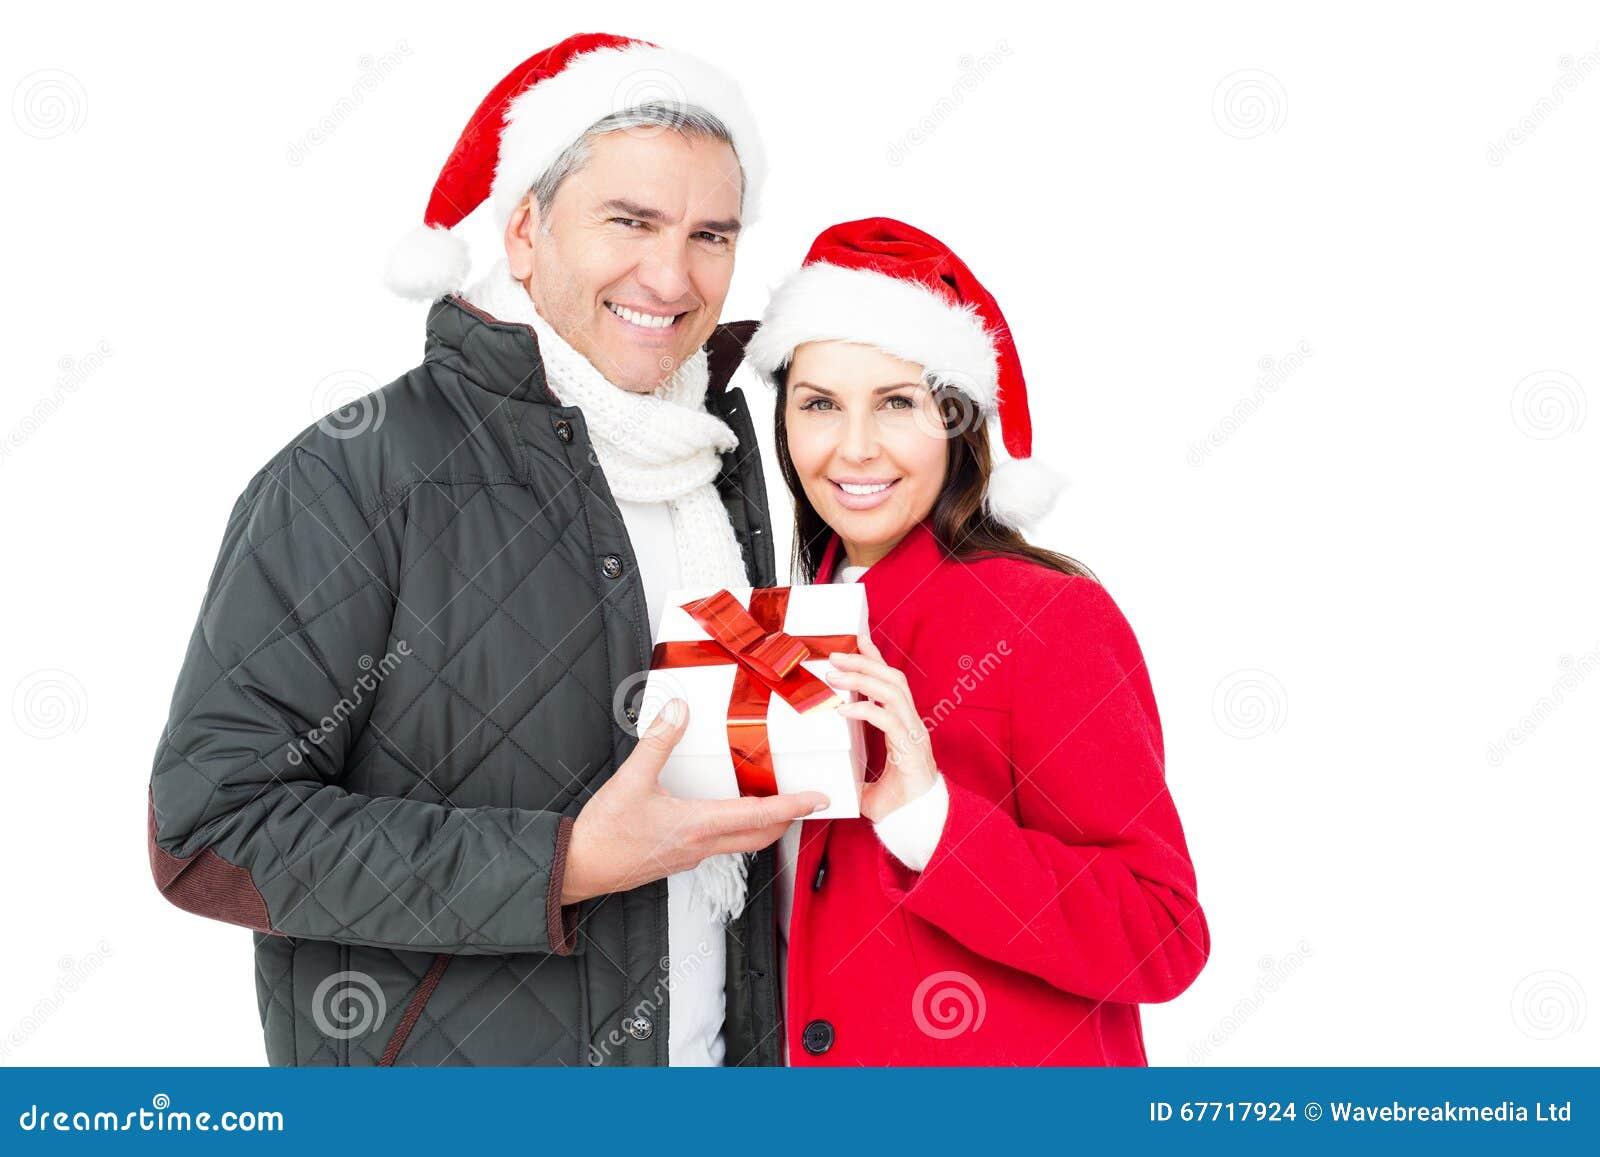 Festliche Paare, Die Weihnachtsgeschenk Halten Stockfoto - Bild von ...